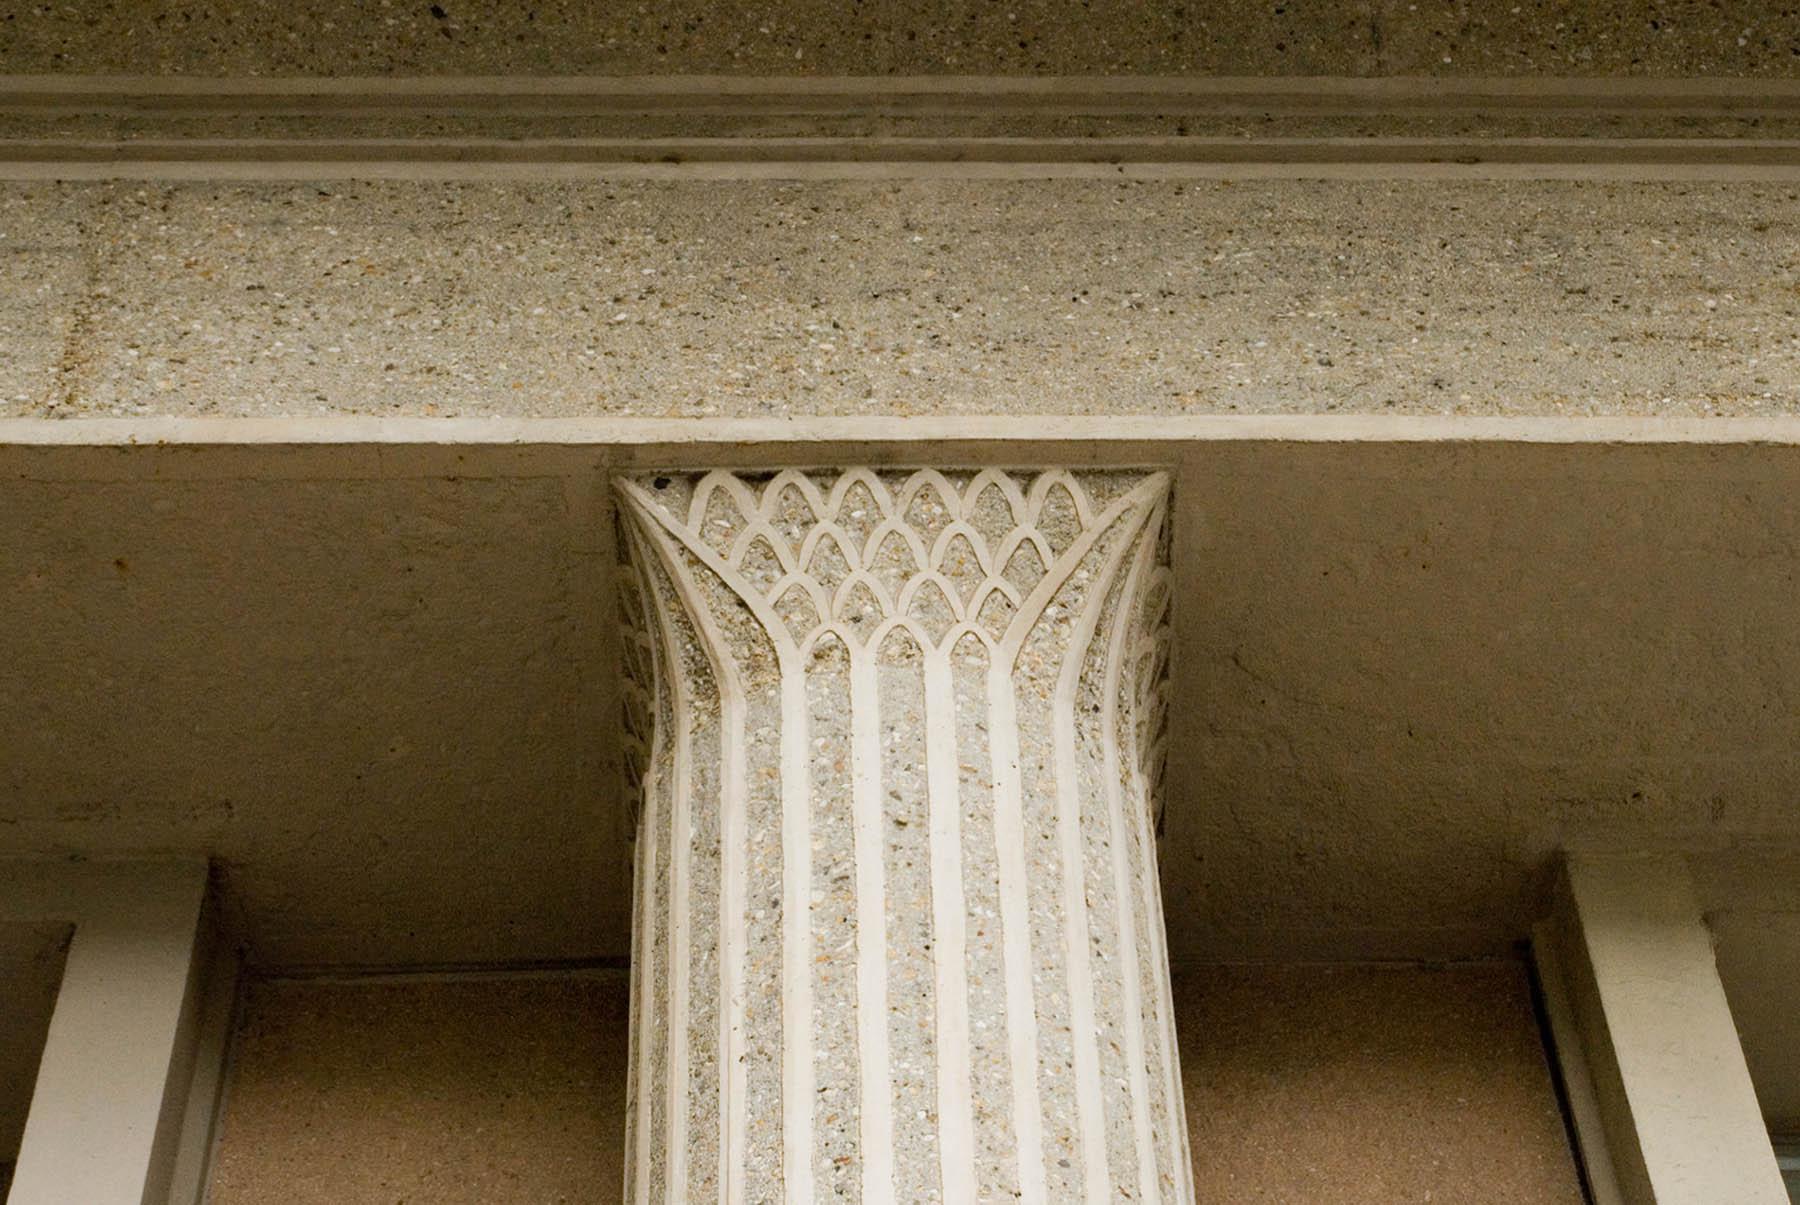 Die Wohninseln. Unter Beimischung von Glassplittern, Kies und Sand, entstanden ganz unterschiedliche Betonoberflächen. Durch die Verbindung moderner Bauweisen und an die Antike angelehnte Ornamentik wird der Baustil auch als struktureller Klassizismus bezeichnet.